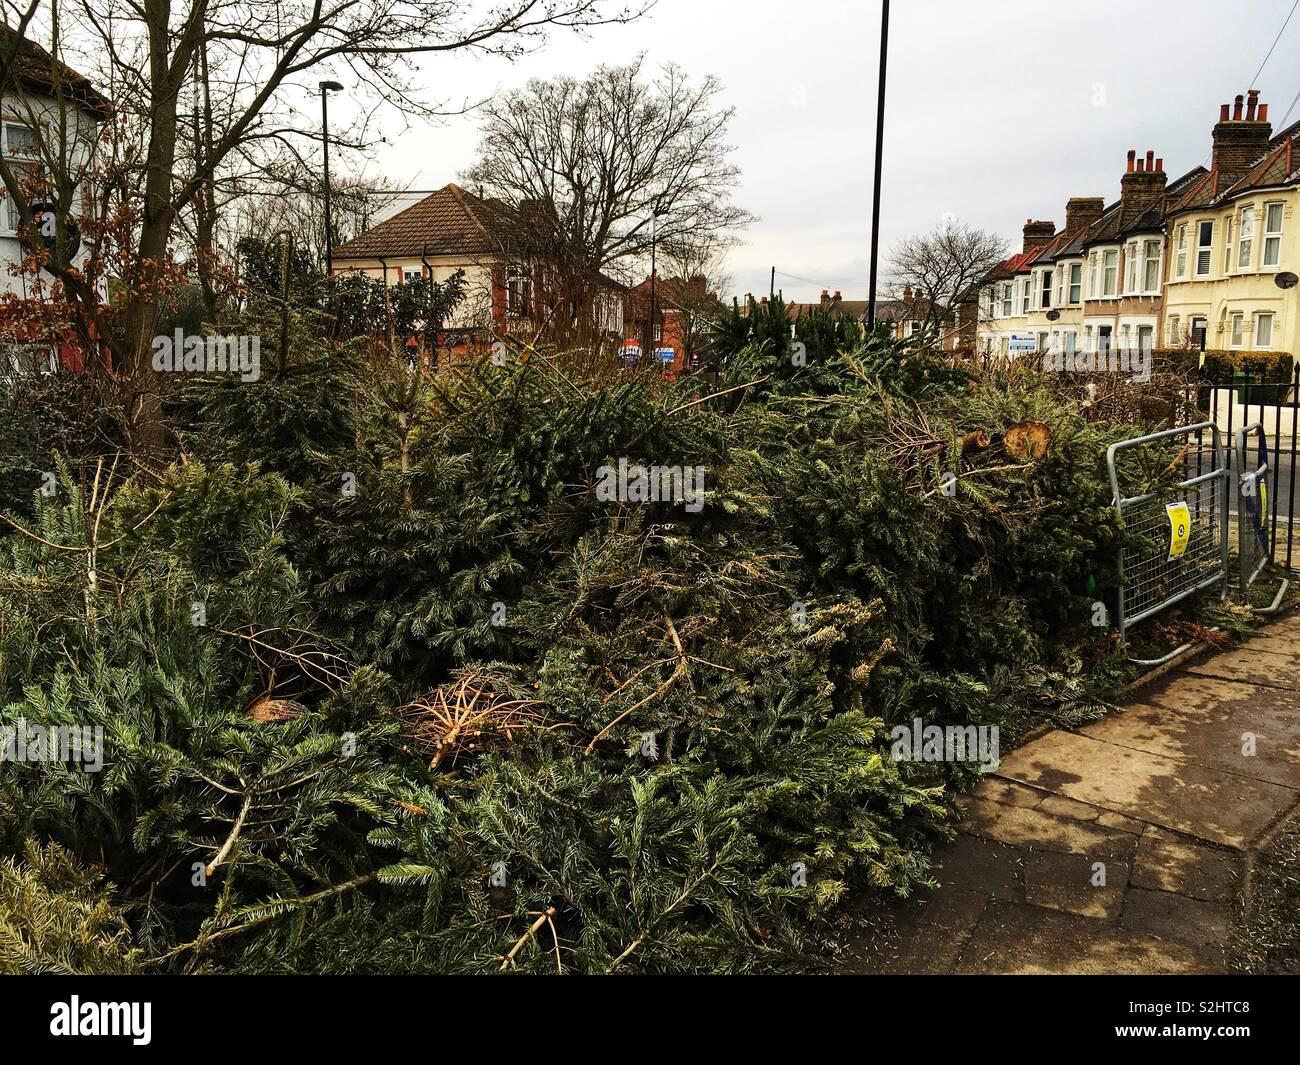 Weihnachtsbaum England.Weihnachtsbaum Aufbereitungsstelle In Mountsfield Park In Lewisham